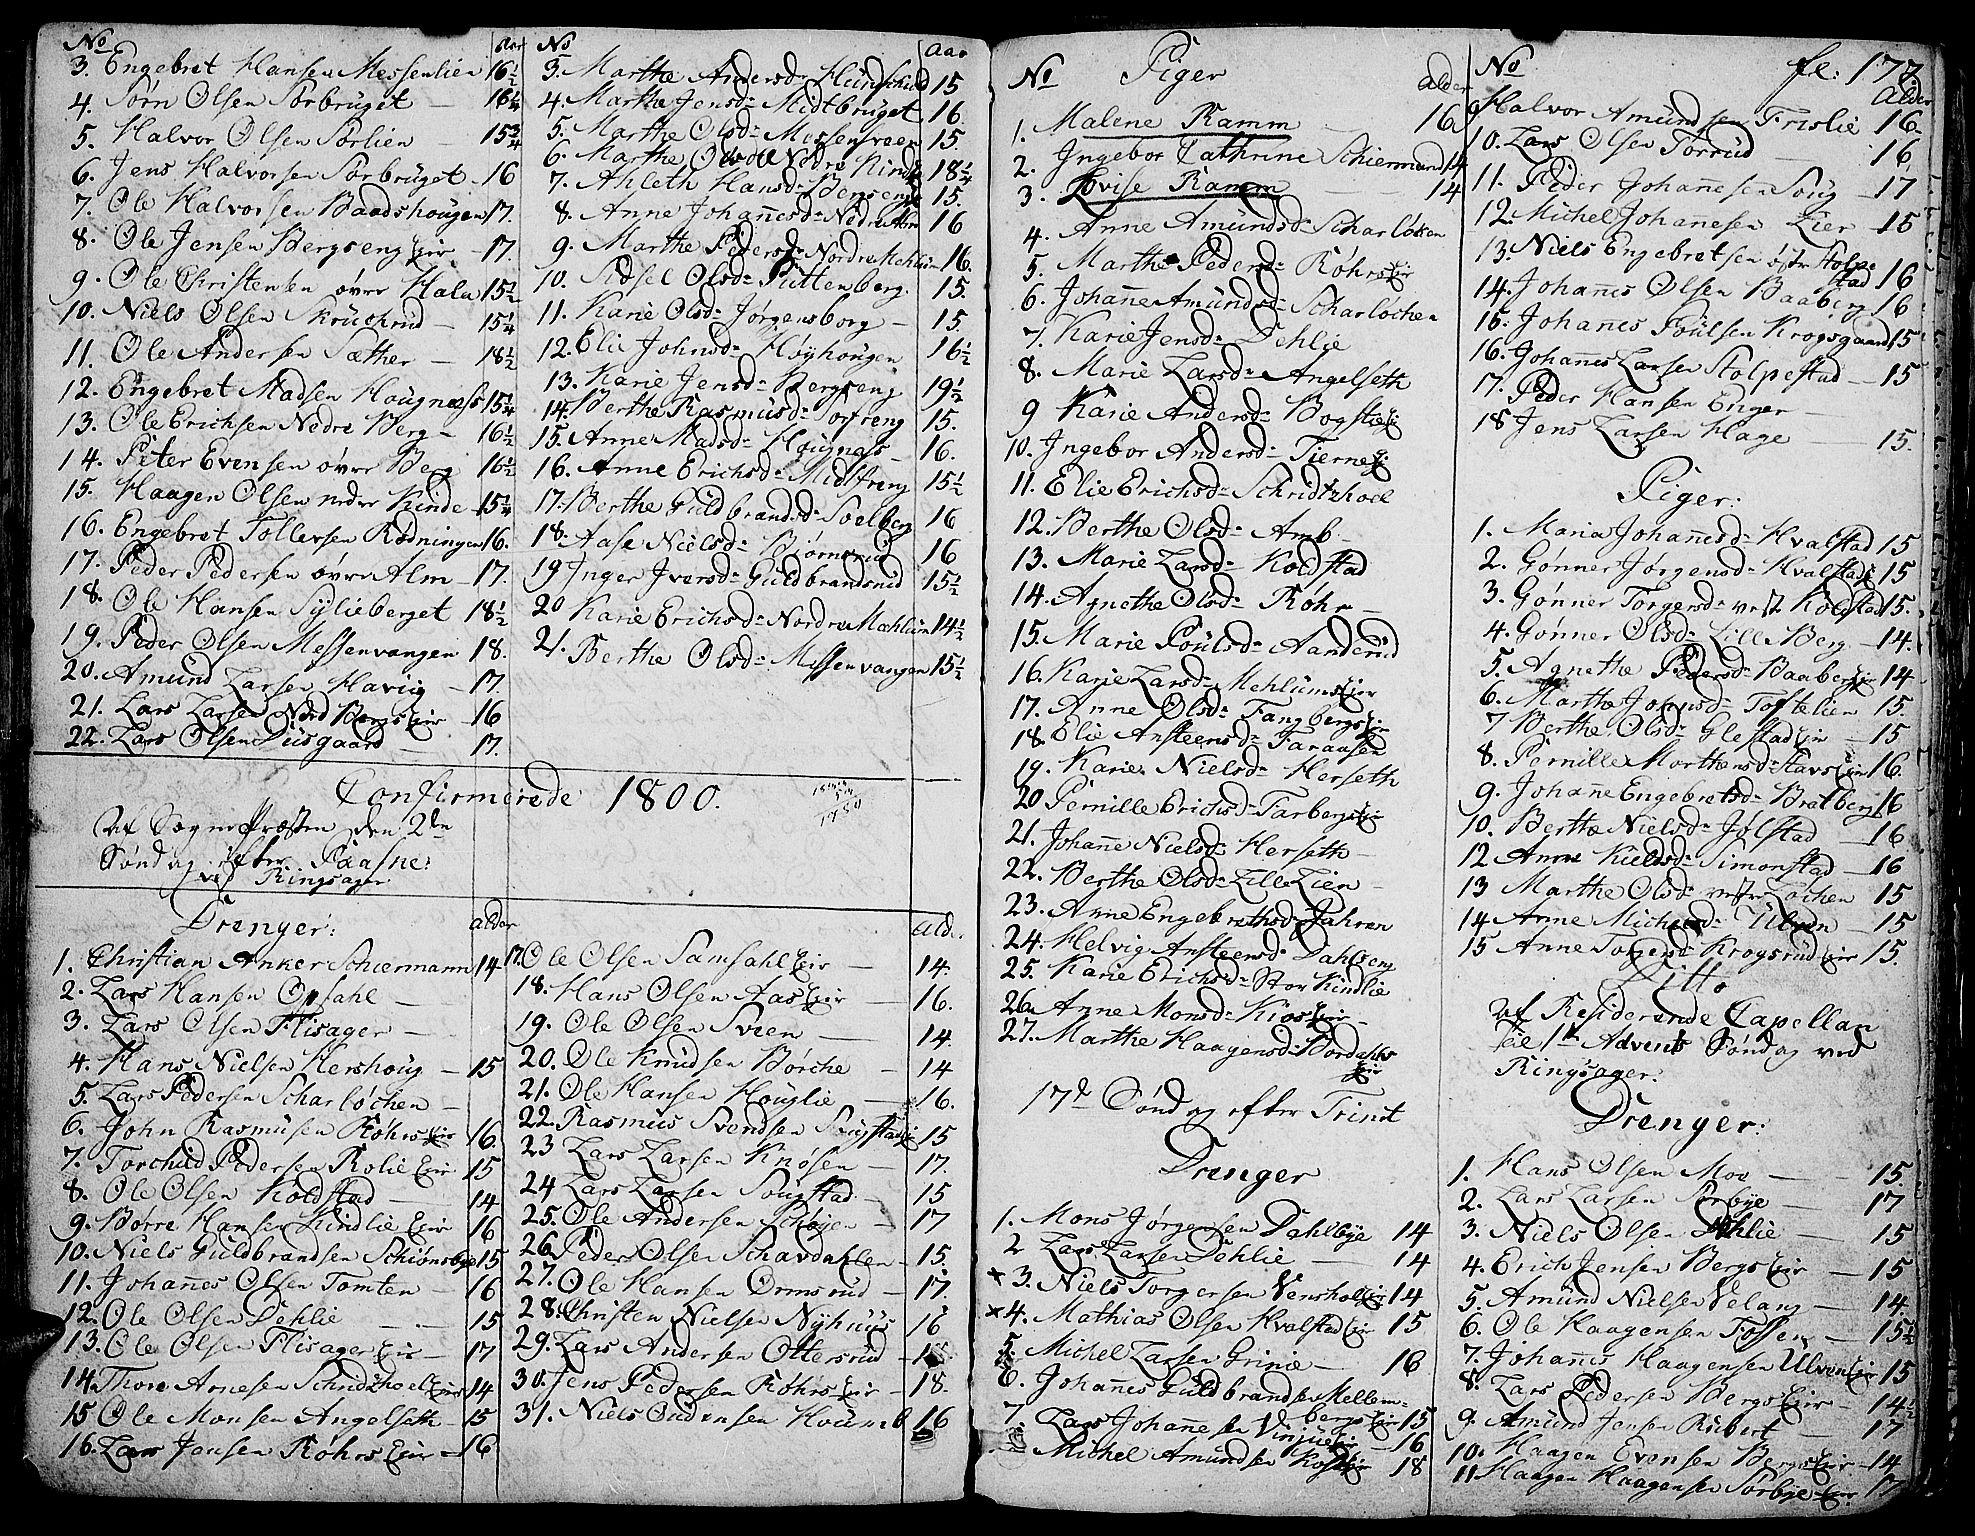 SAH, Ringsaker prestekontor, K/Ka/L0004: Ministerialbok nr. 4, 1799-1814, s. 177